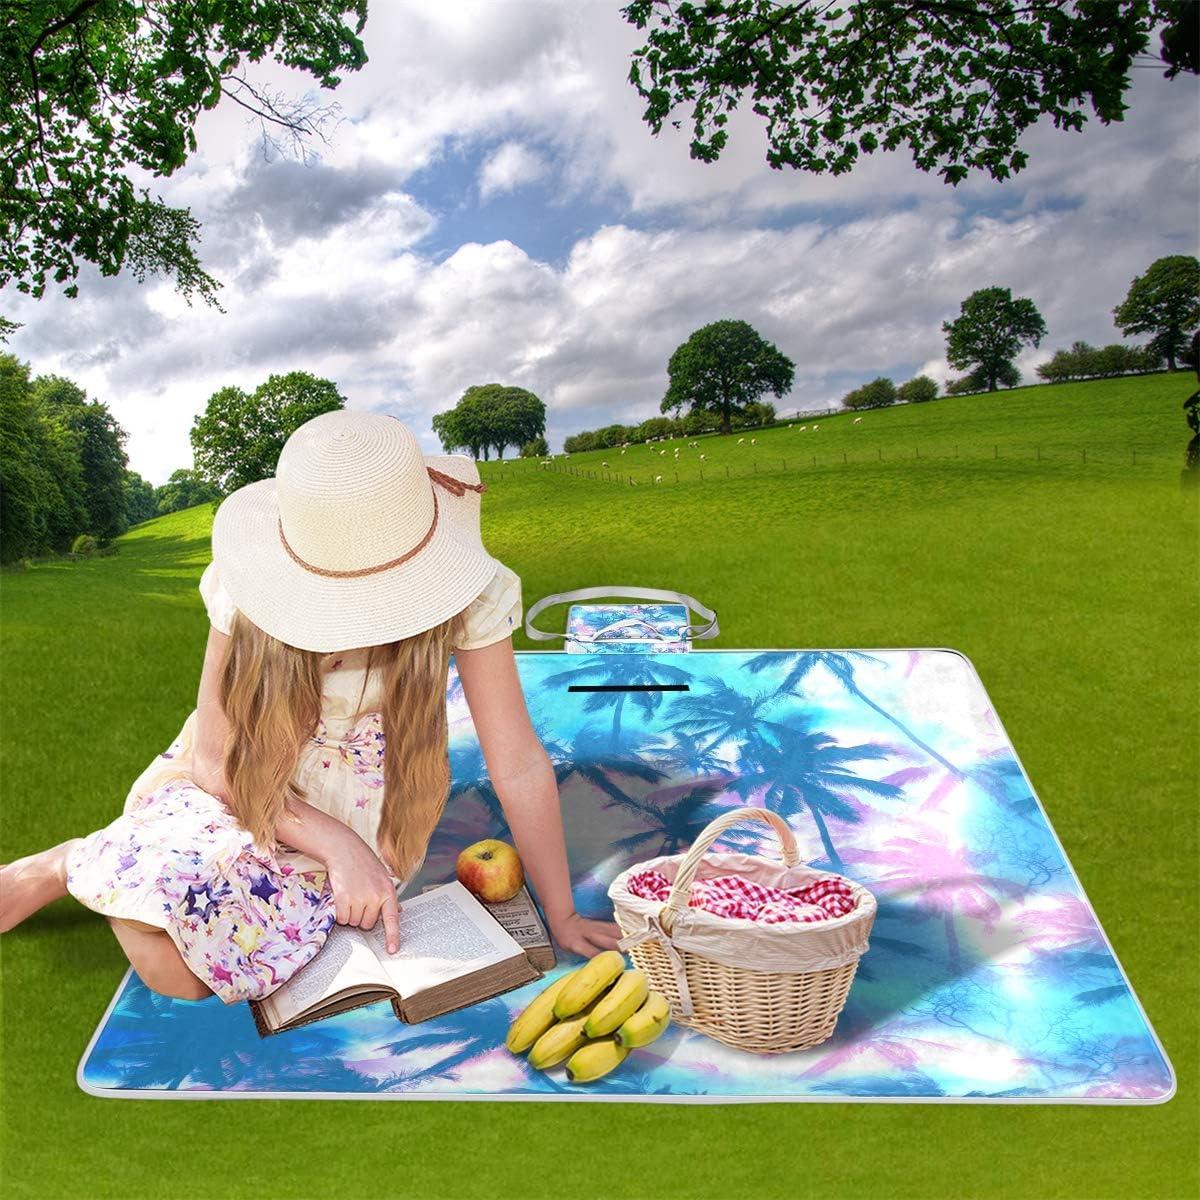 XINGAKA Coperta da Picnic Tappetino Campeggio,Fiori delle mattonelle del Modello Floreale dell'acquerello di Paisley,Giardino Spiaggia Impermeabile Anti Sabbia 20